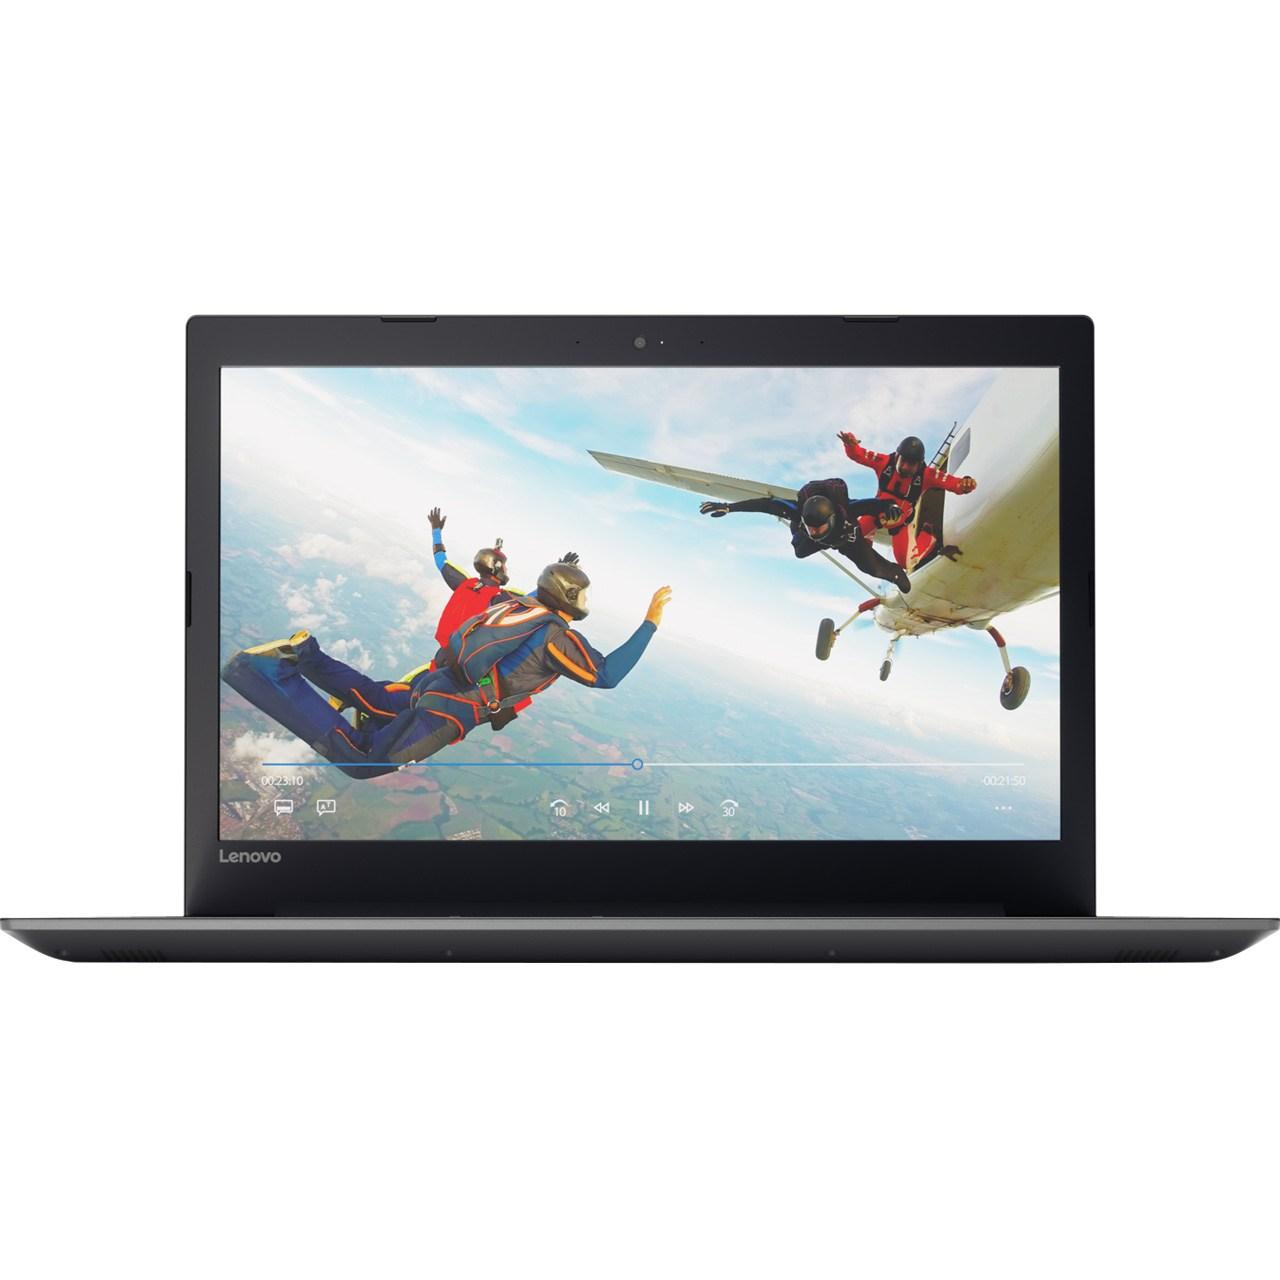 قیمت لپ تاپ 15 اینچی لنوو مدل Ideapad 320 - R